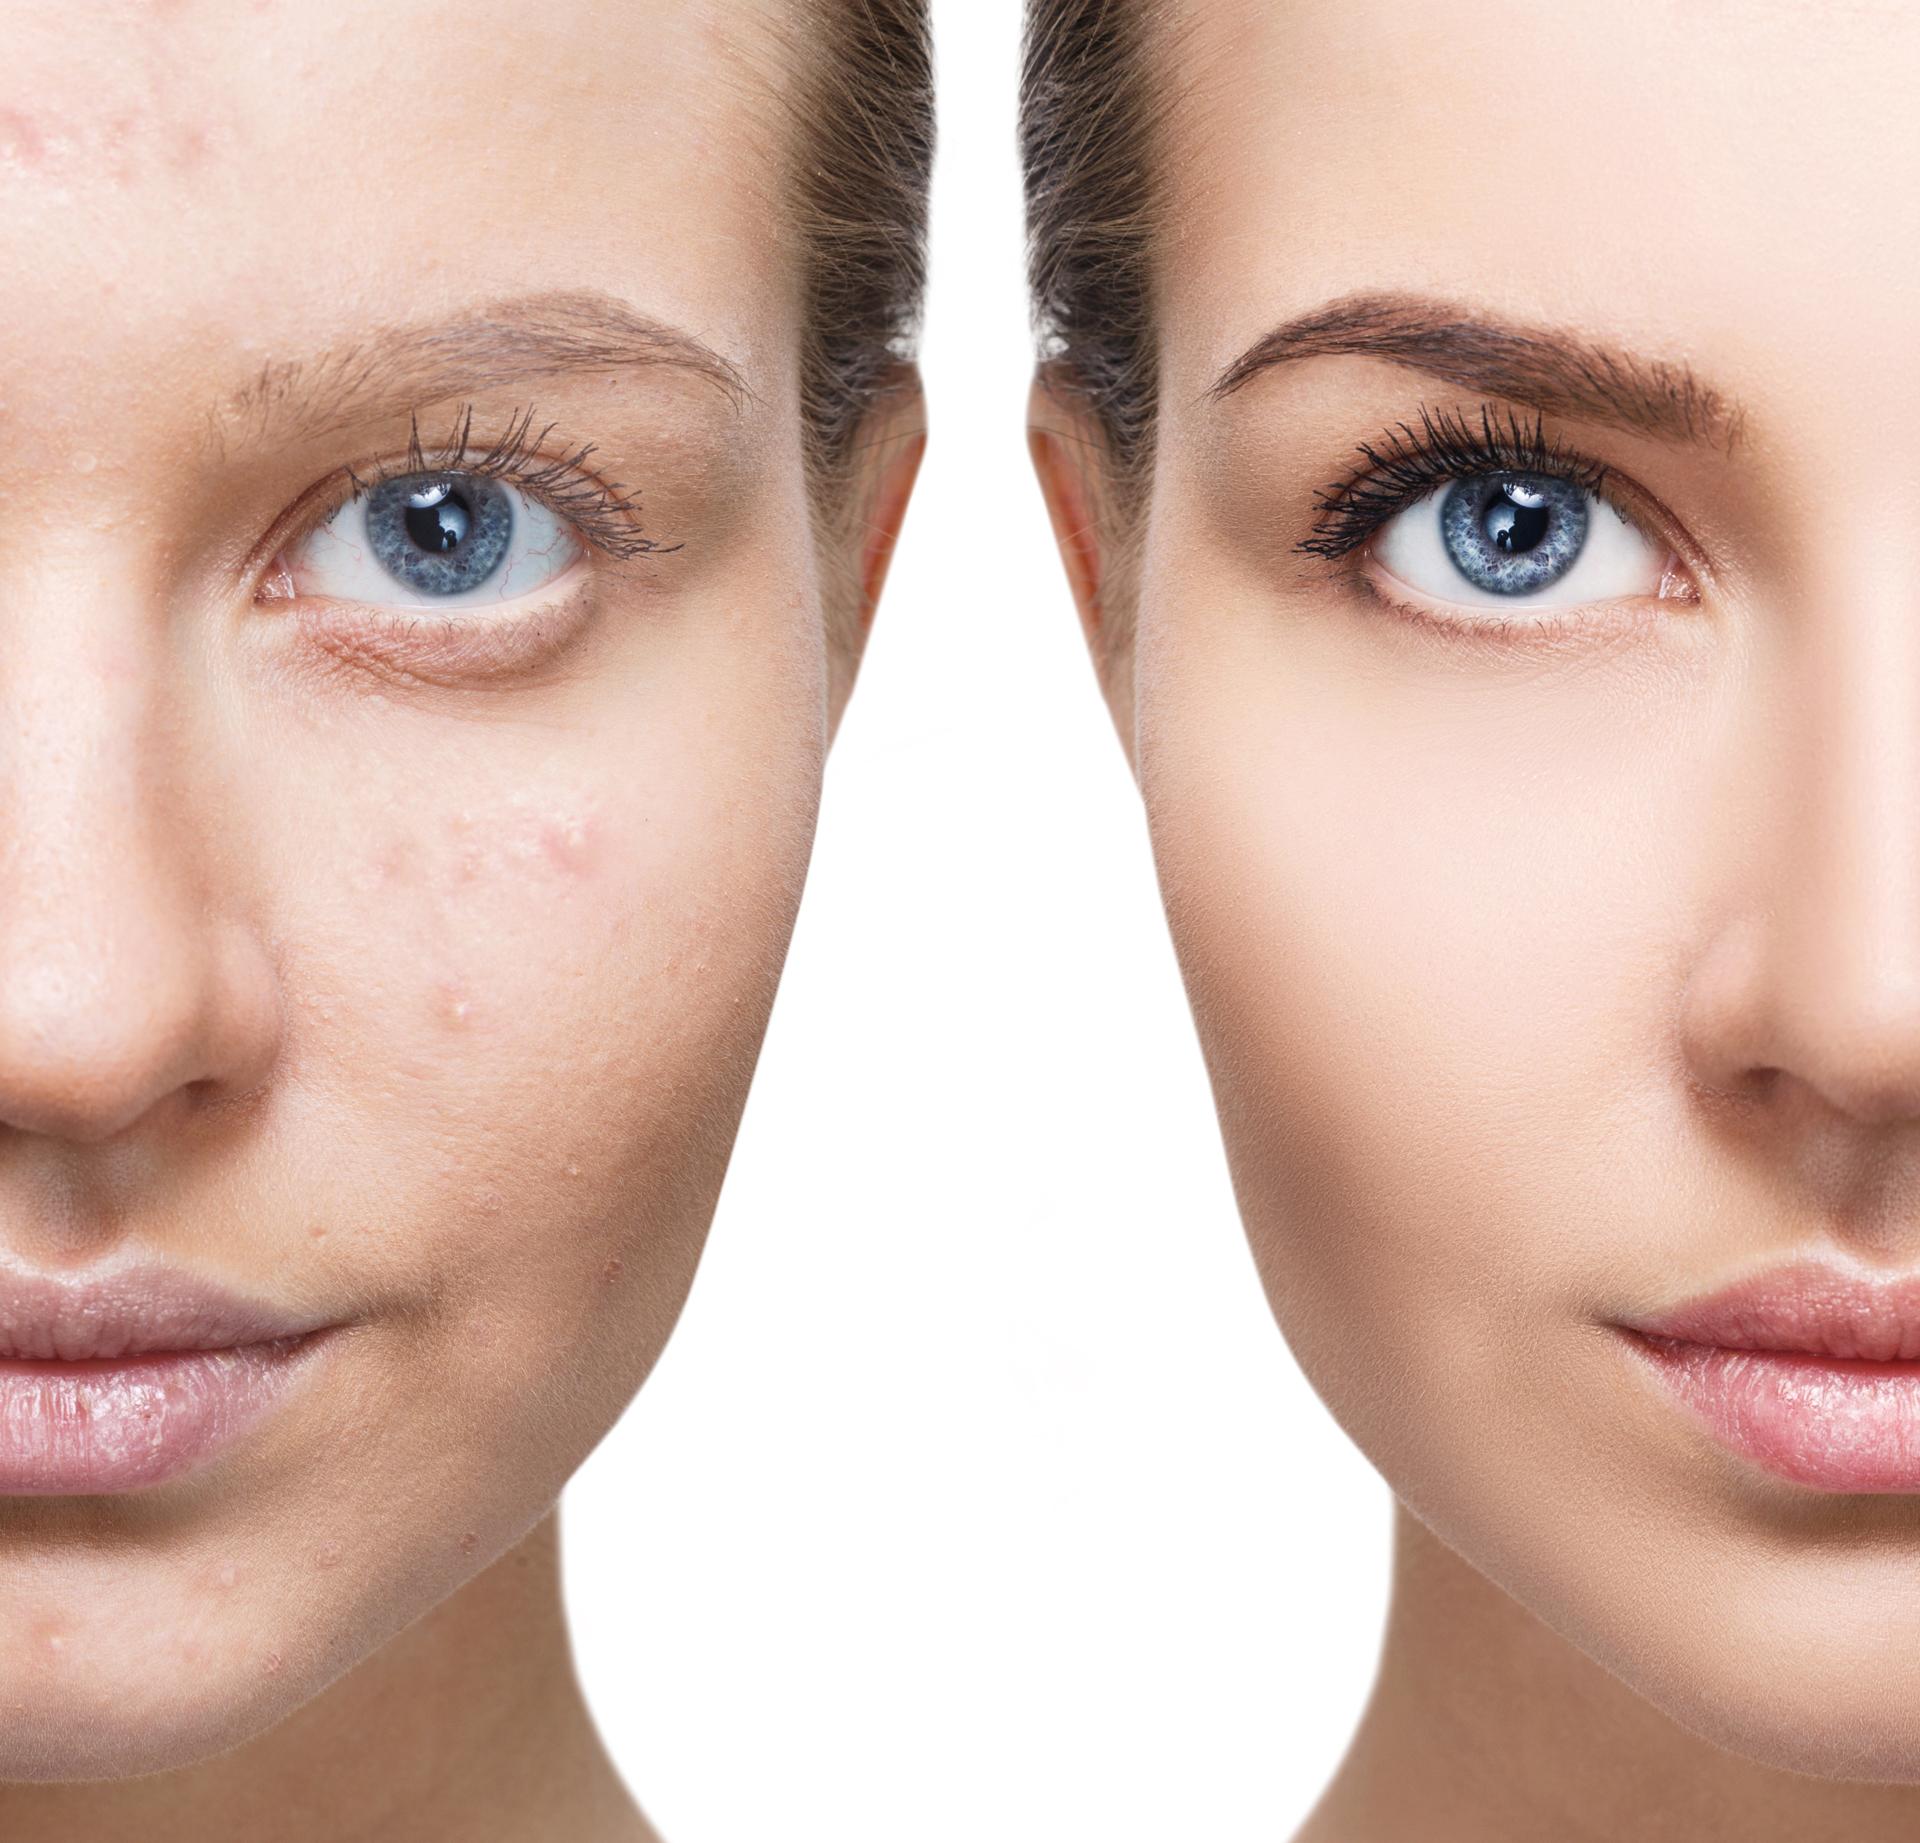 Los correctores o la misma base que se aplique al maquillarse ayudan a tapar las imperfecciones de la piel (Getty Images)